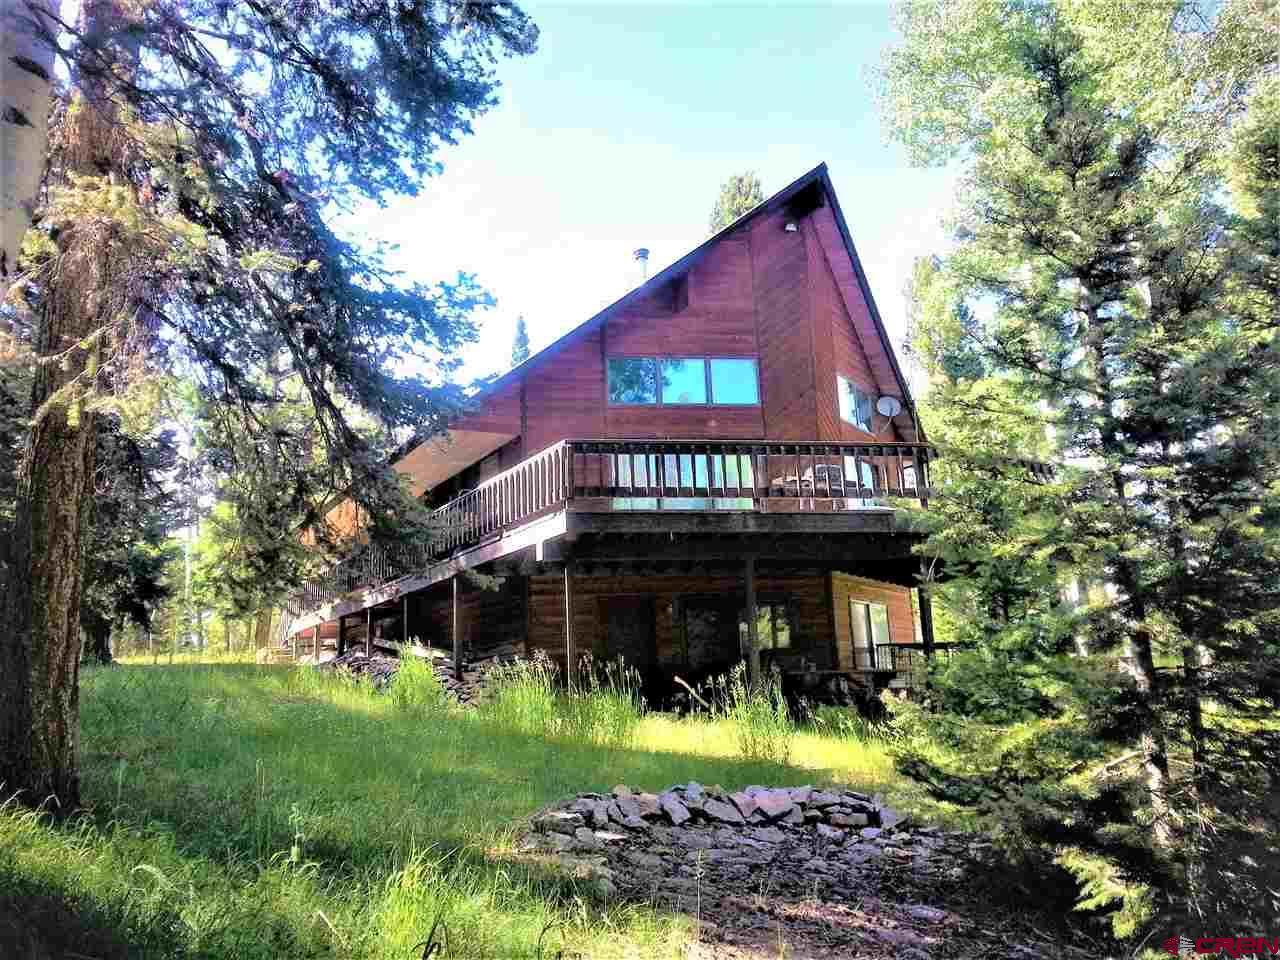 461 Rim Road, Cimarron, Colorado 81220, 3 Bedrooms Bedrooms, ,2 BathroomsBathrooms,Single Family,For Sale,461 Rim Road,776902